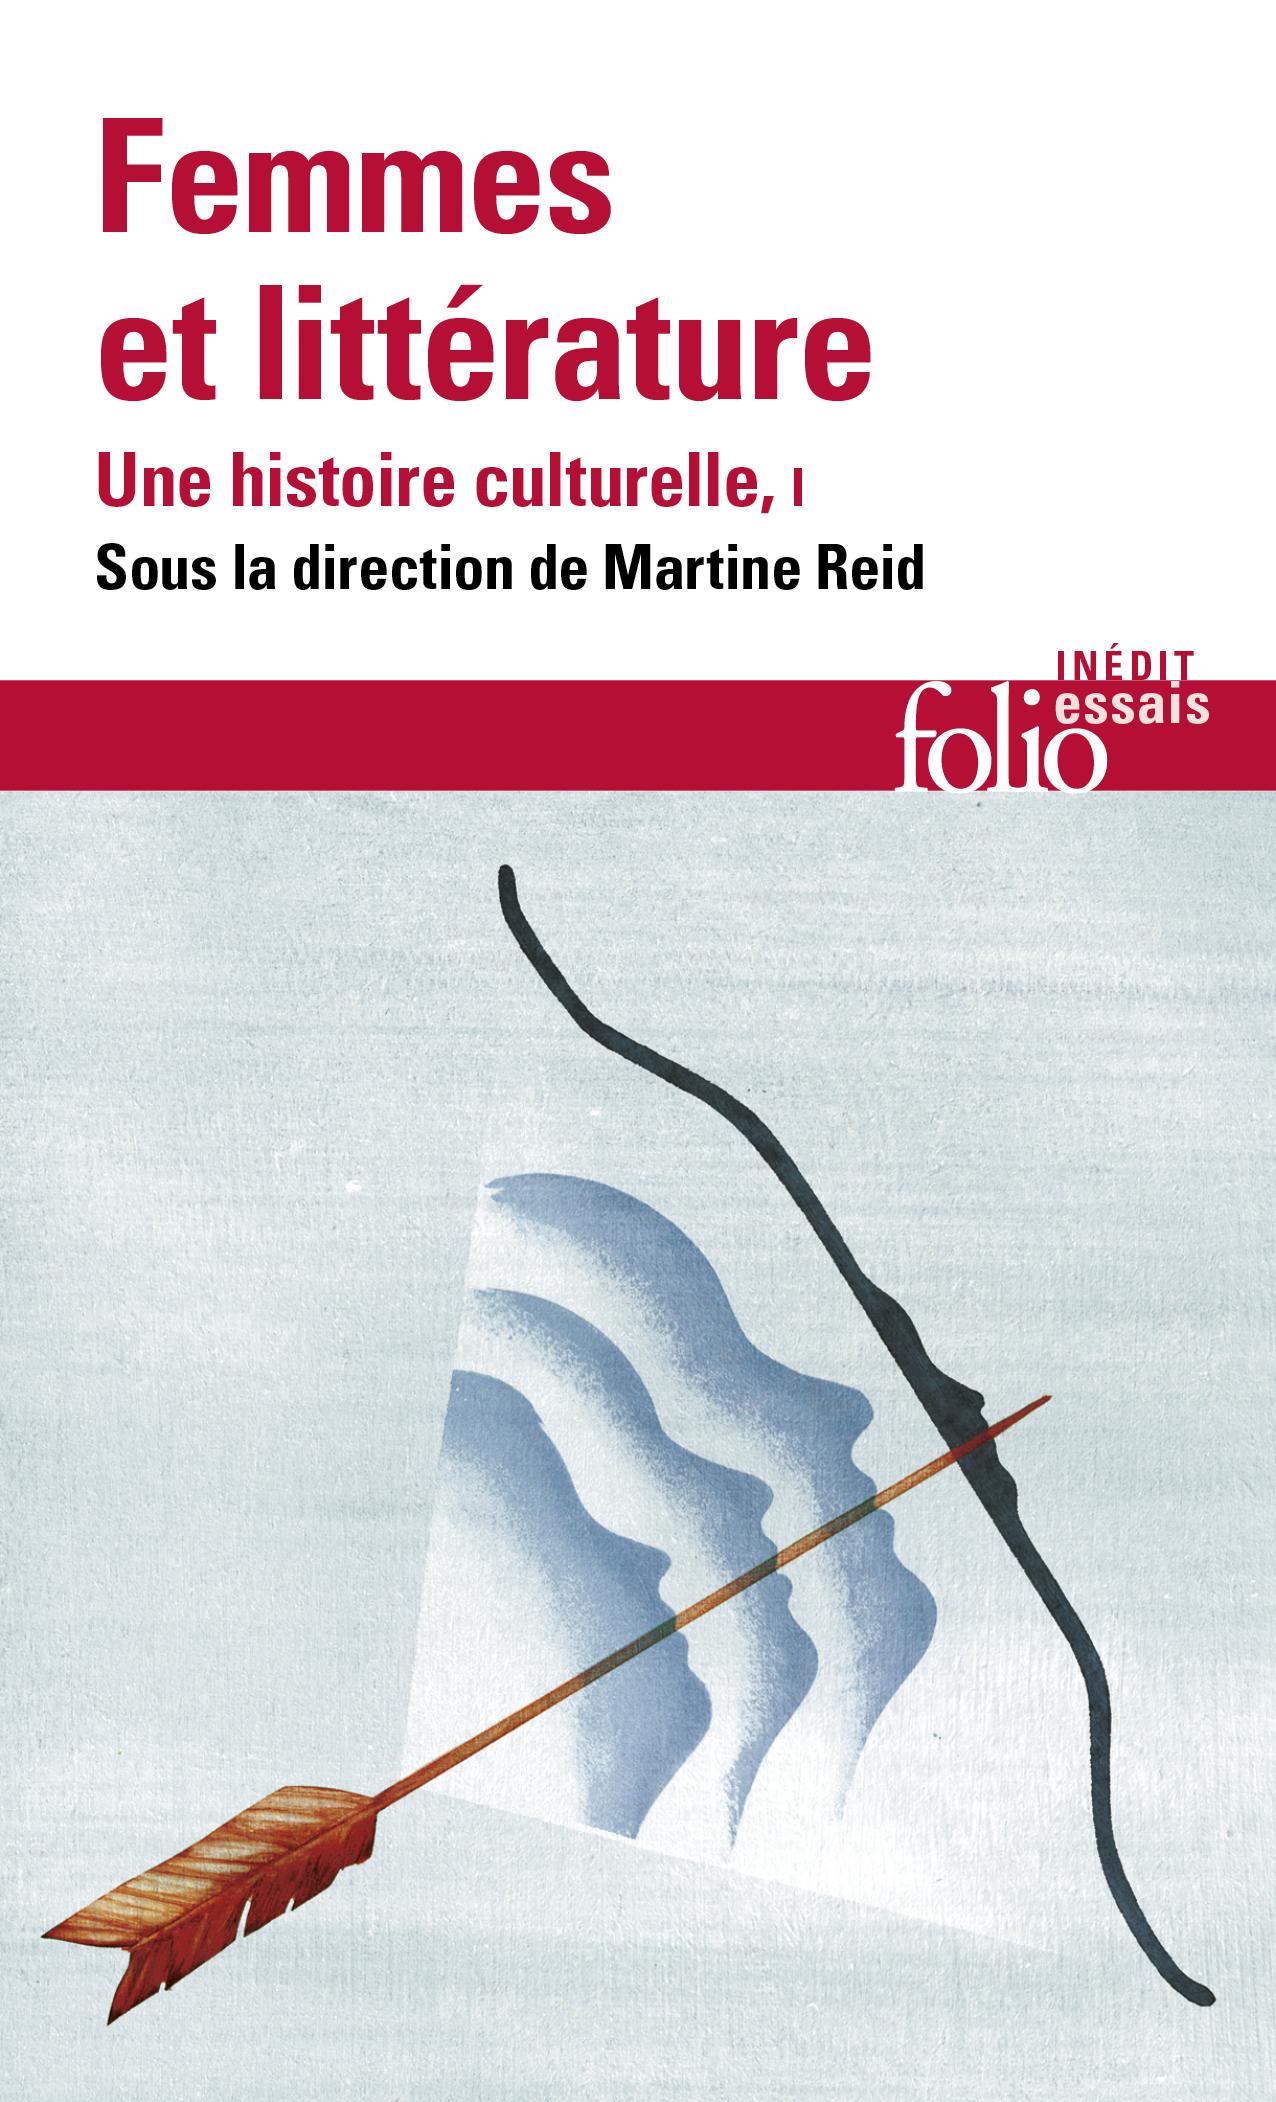 Les femmes font-elles l'histoire (littéraire) ? Conf. de M. Reid (Lausanne)